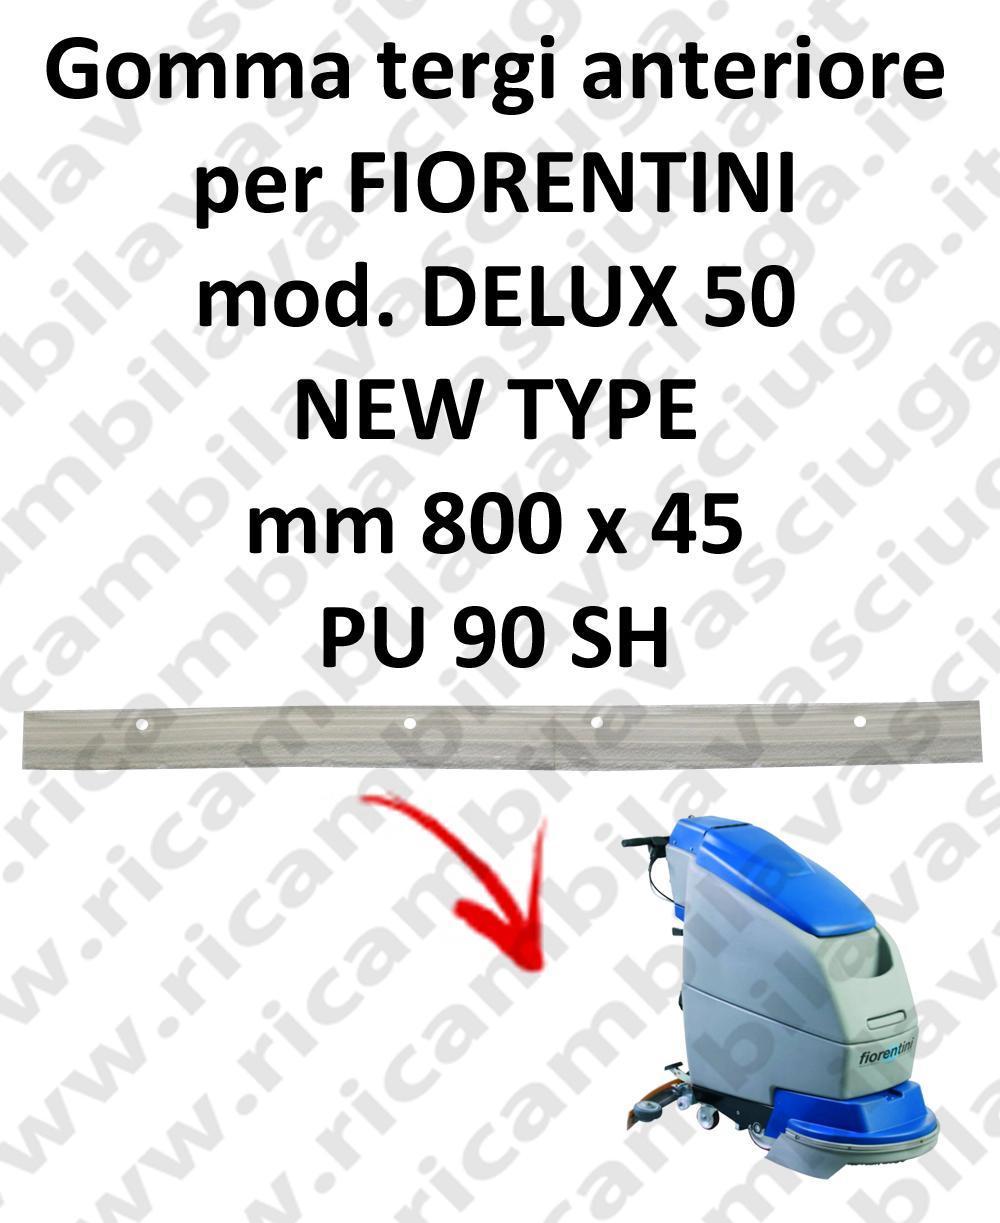 DELUX 50 new type BAVETTE AVANT pour autolaveuses FIORENTINI